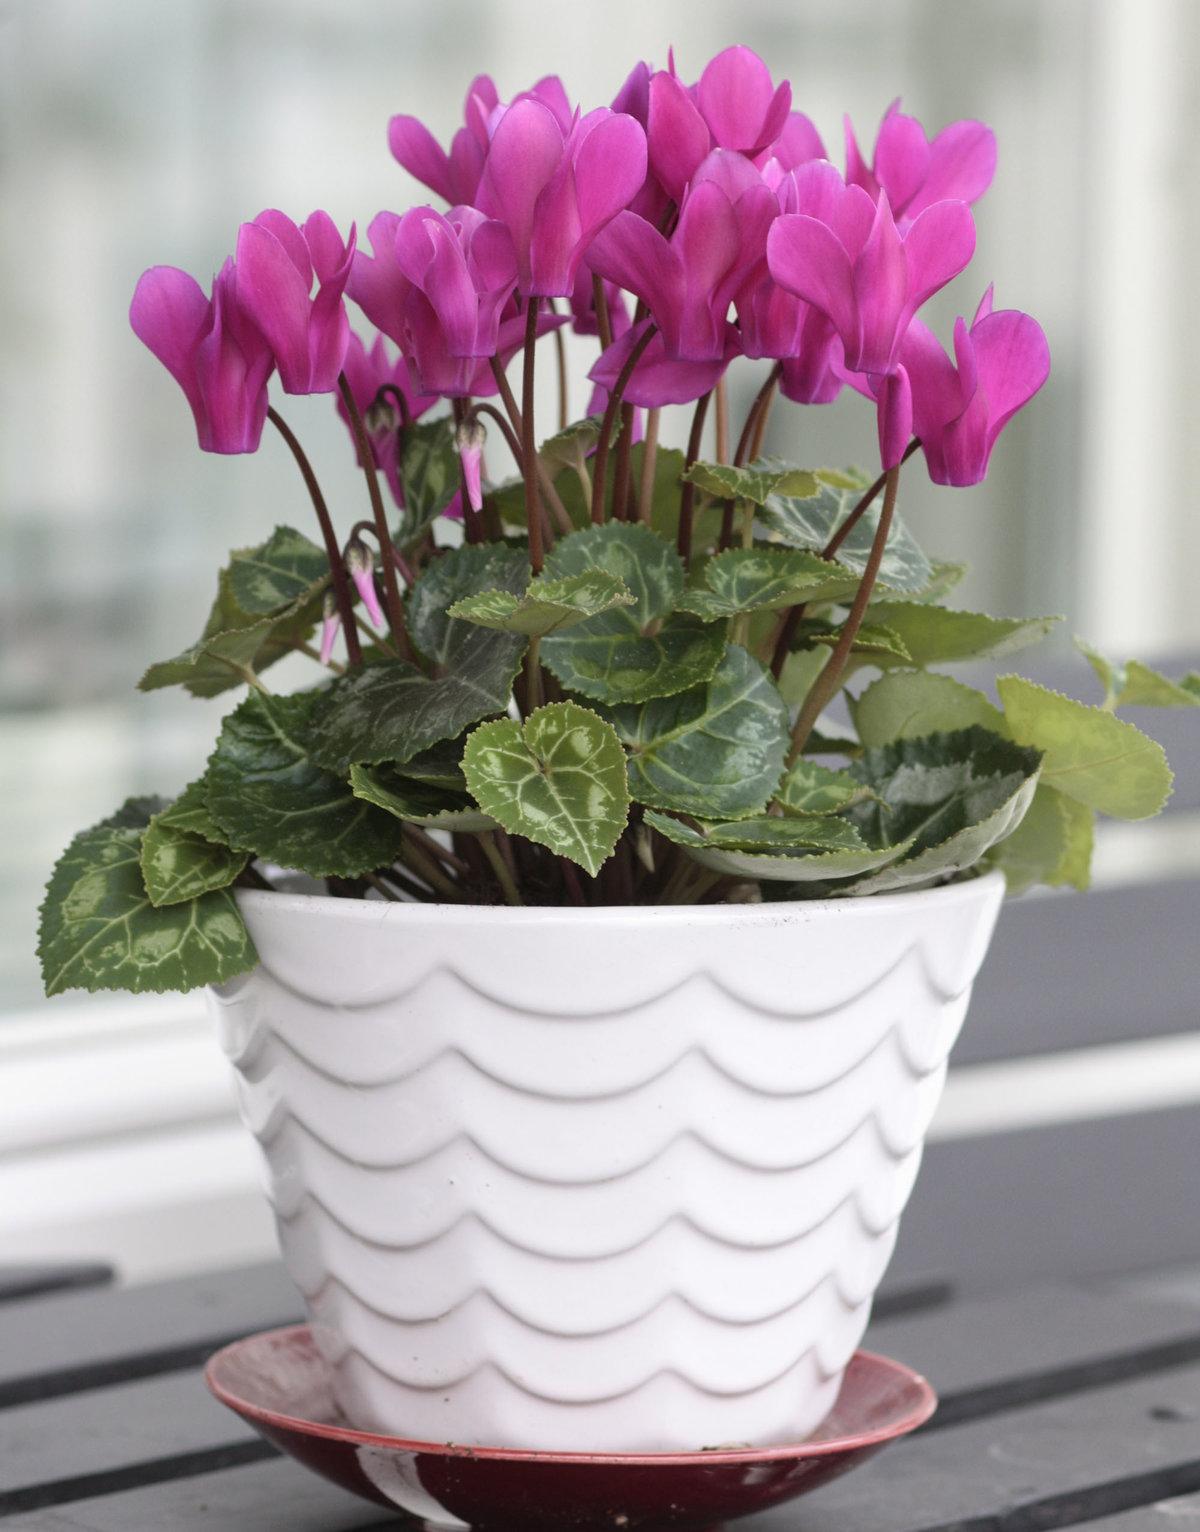 комнатные цветы которые красиво цветут картинки крестьянина для людей